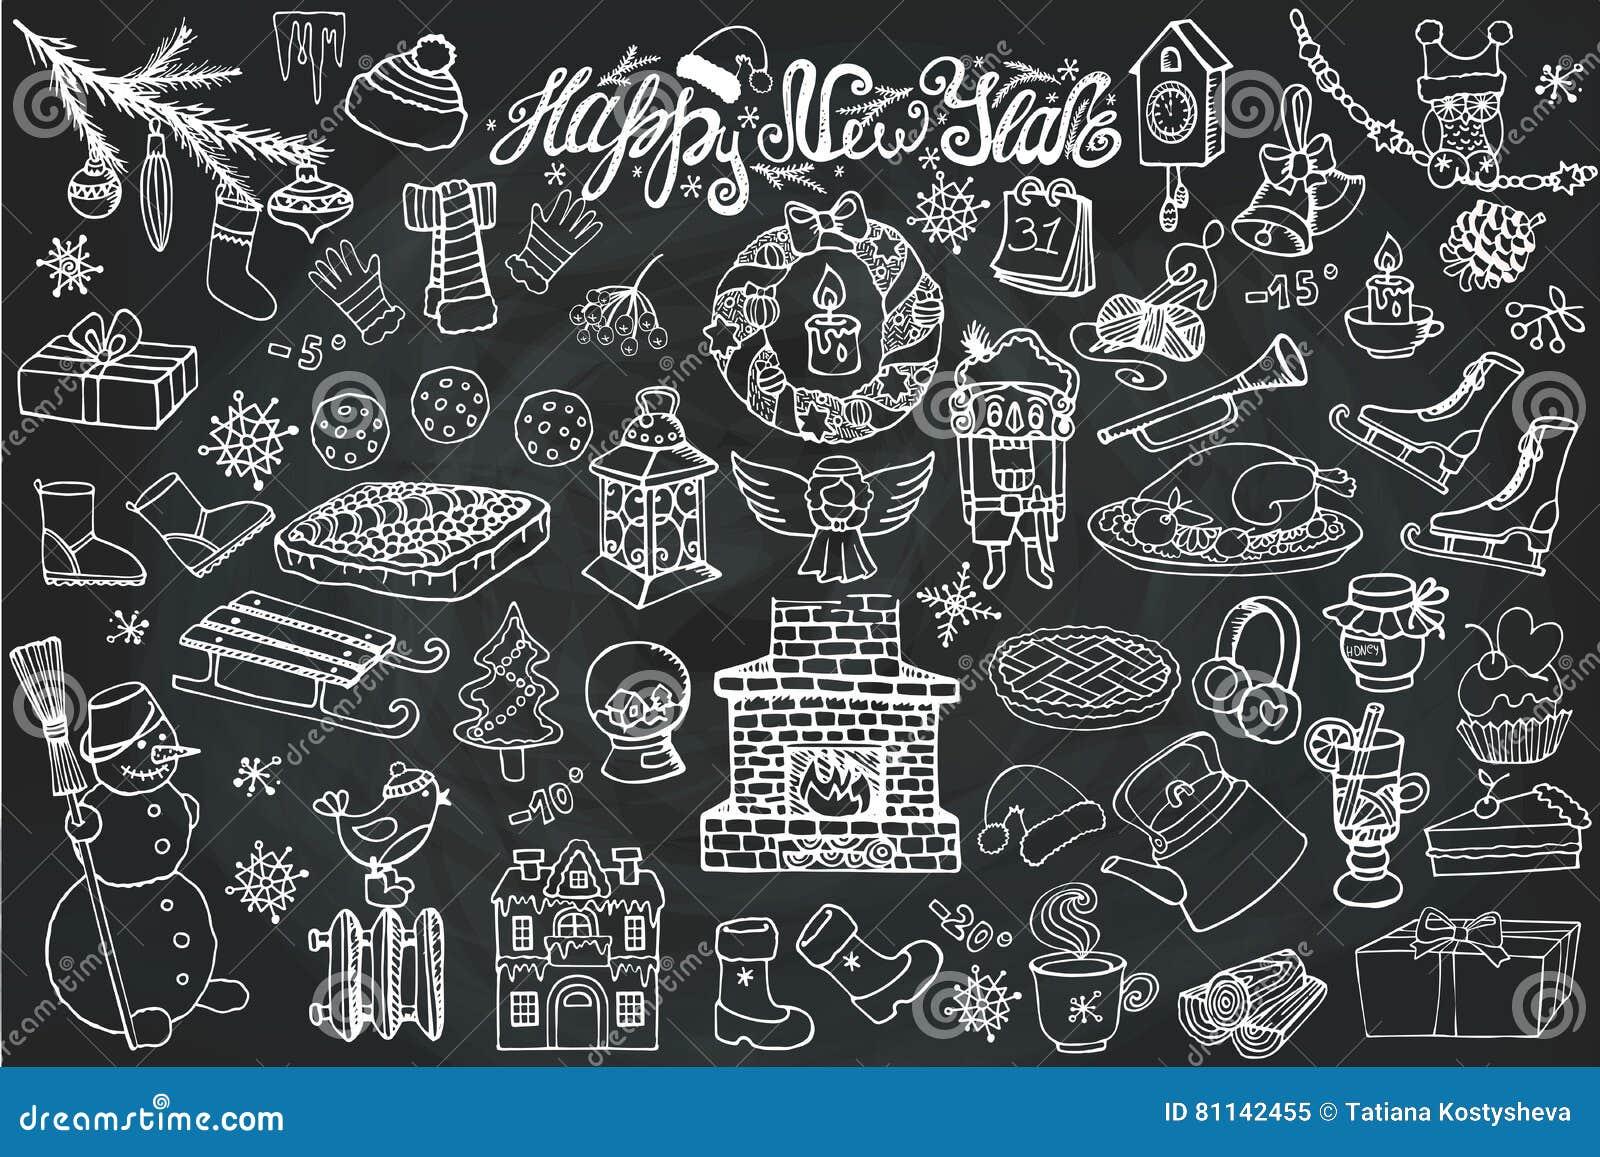 New Year Season Doodle IconssymbolsChalk